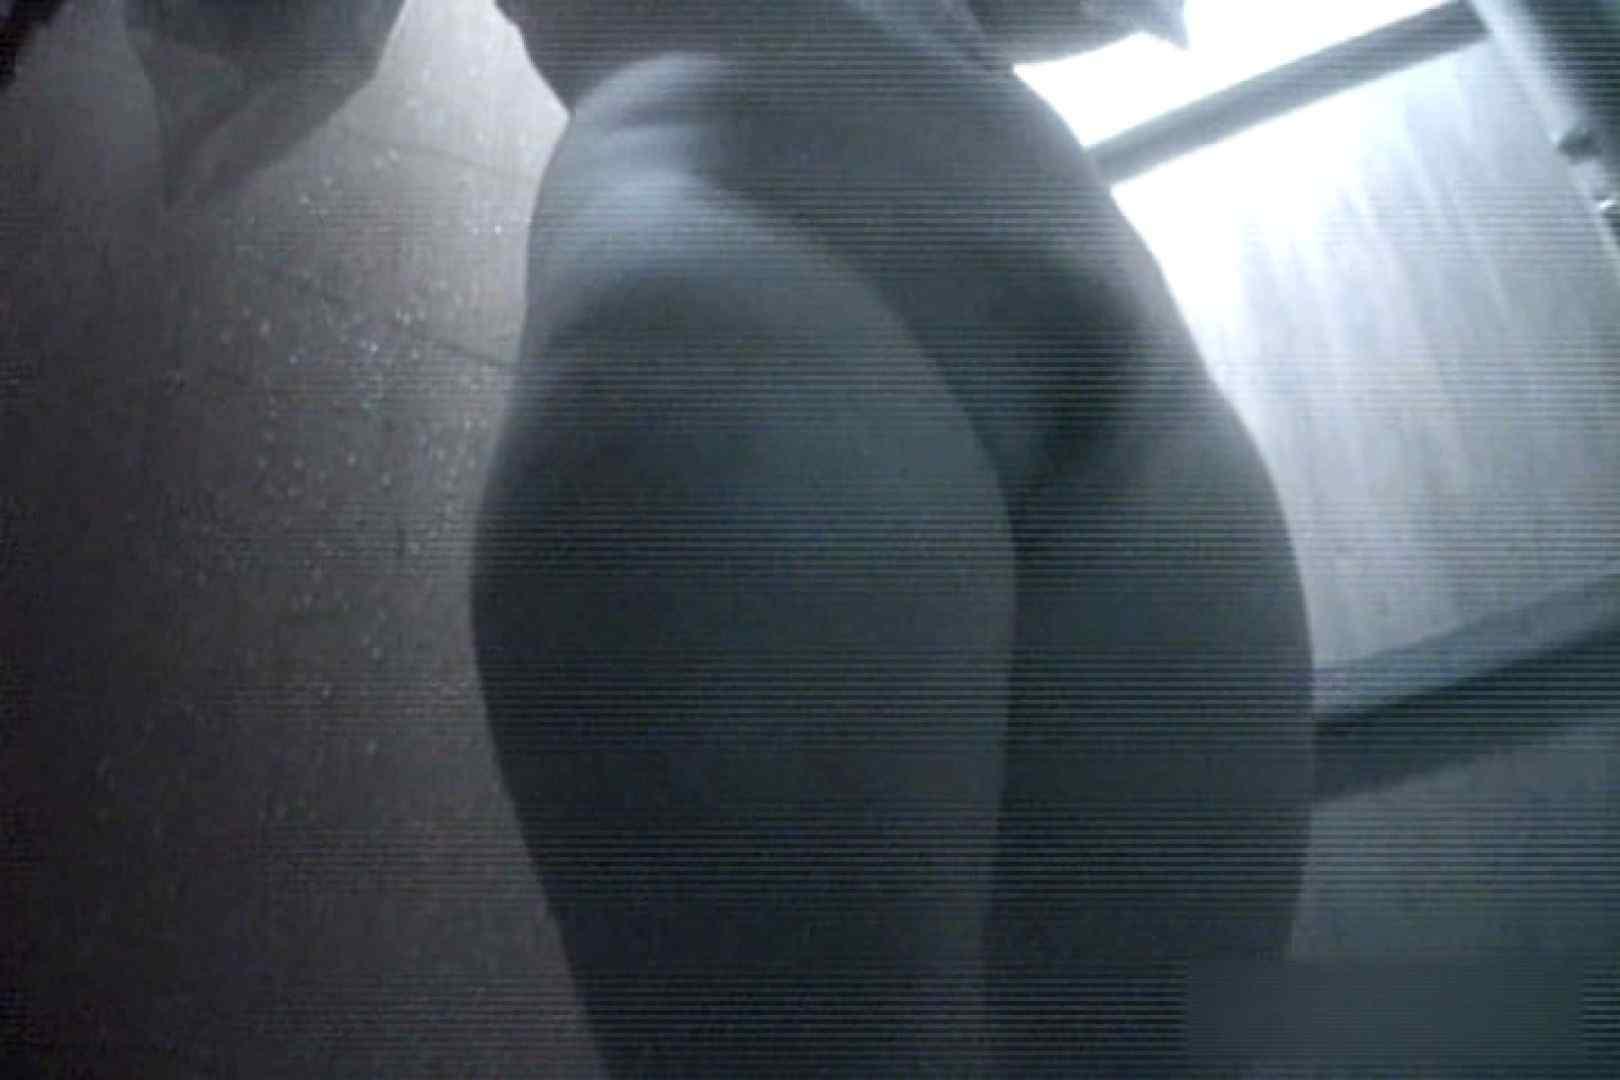 夏海シャワー室!ベトベトお肌をサラサラに!VOL.08 エロティックなOL のぞき動画キャプチャ 99画像 94